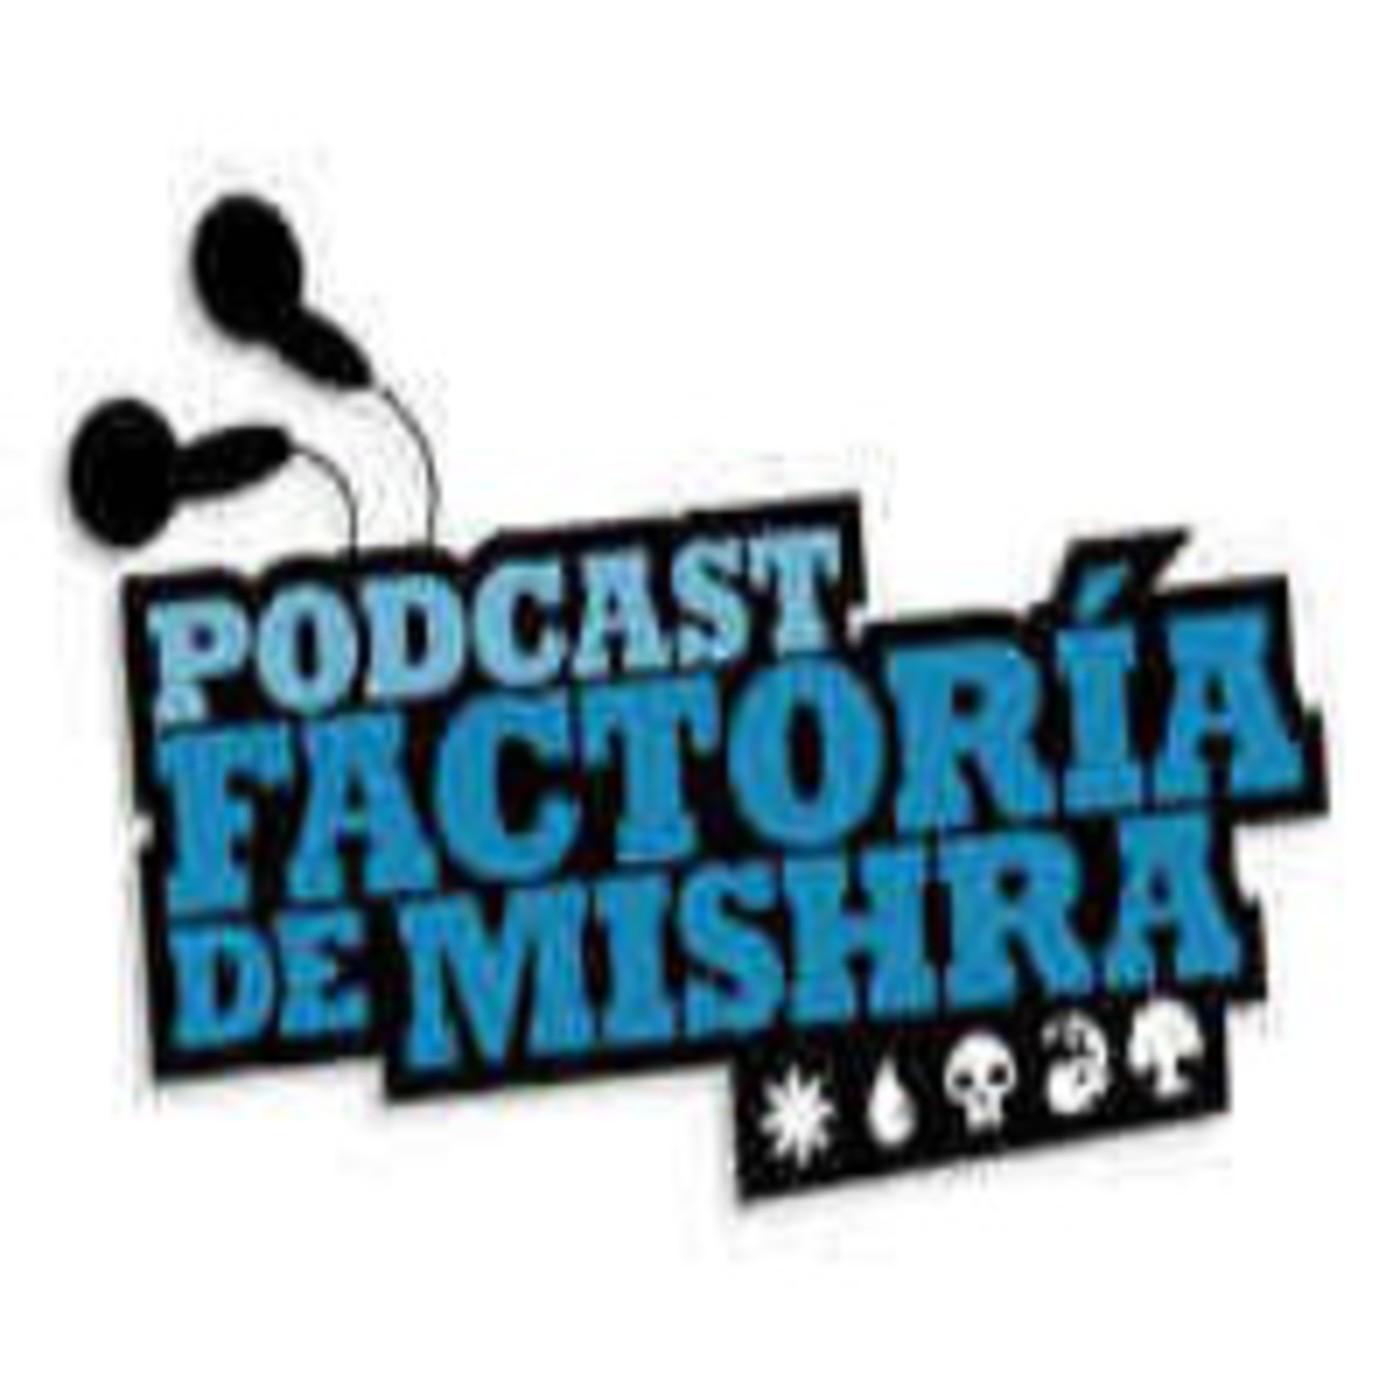 <![CDATA[Podcast de la Factoria]]>